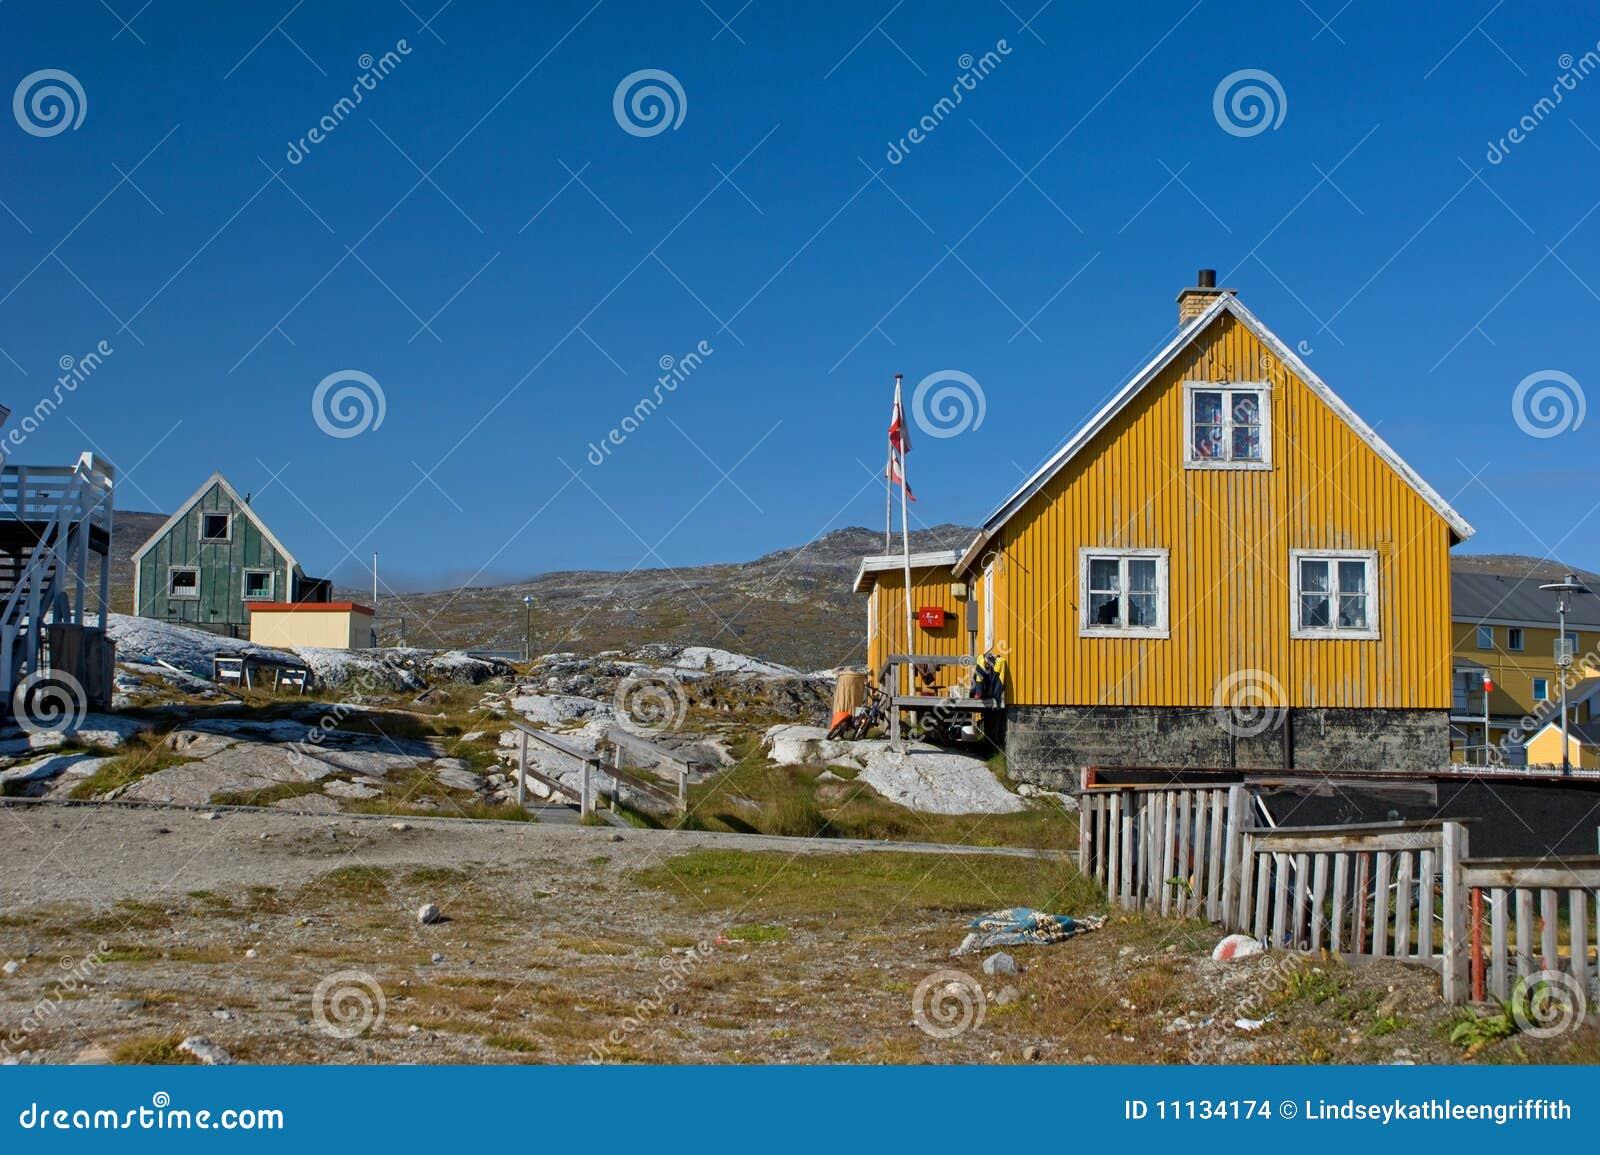 Geel huis in Groenland met vlag en omheining